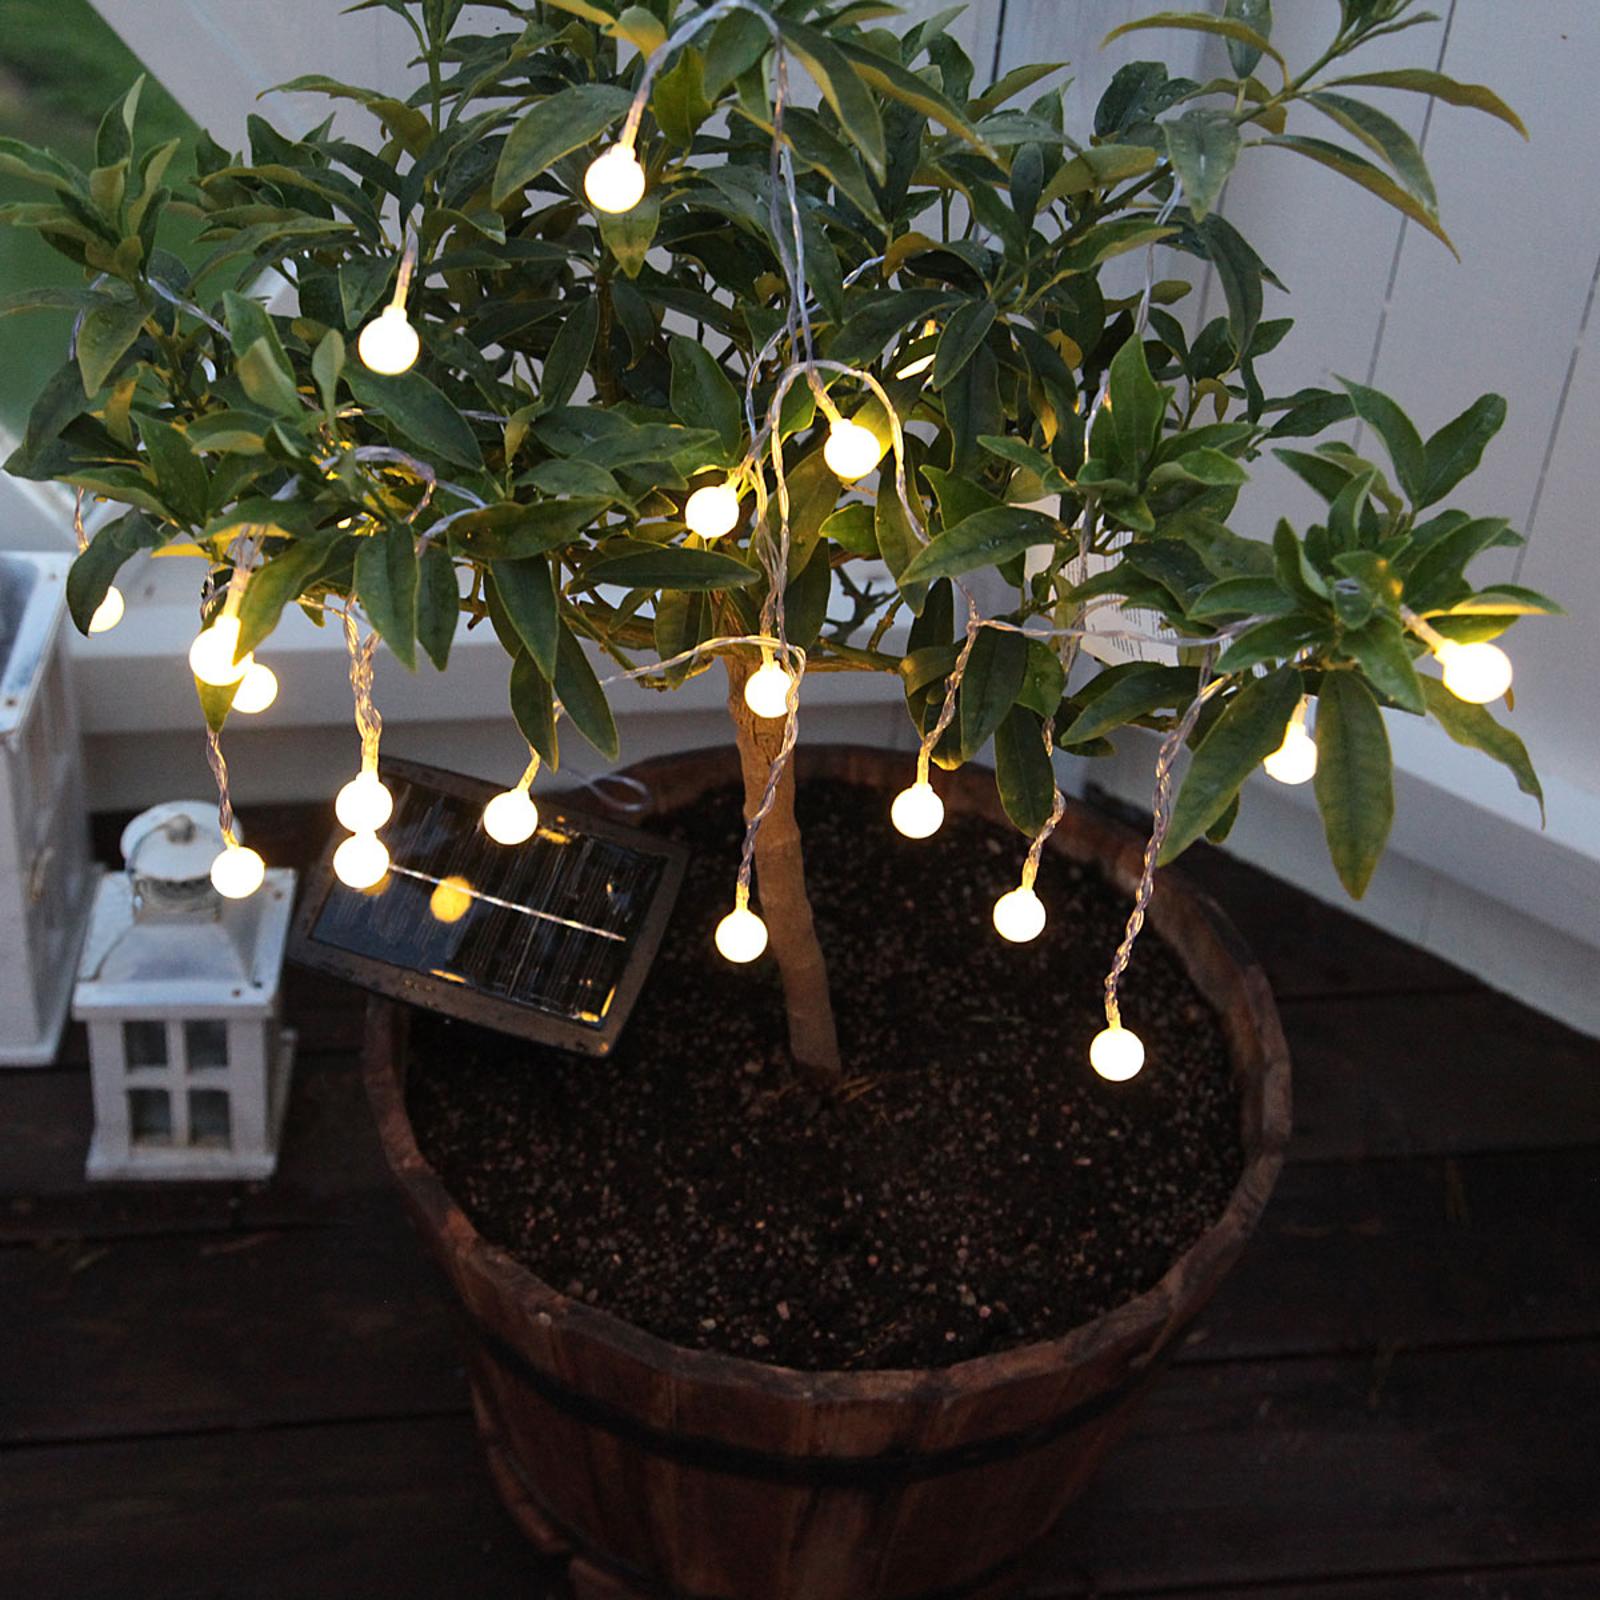 Solarny łańcuch świetlny LED kulki, ciepła biel